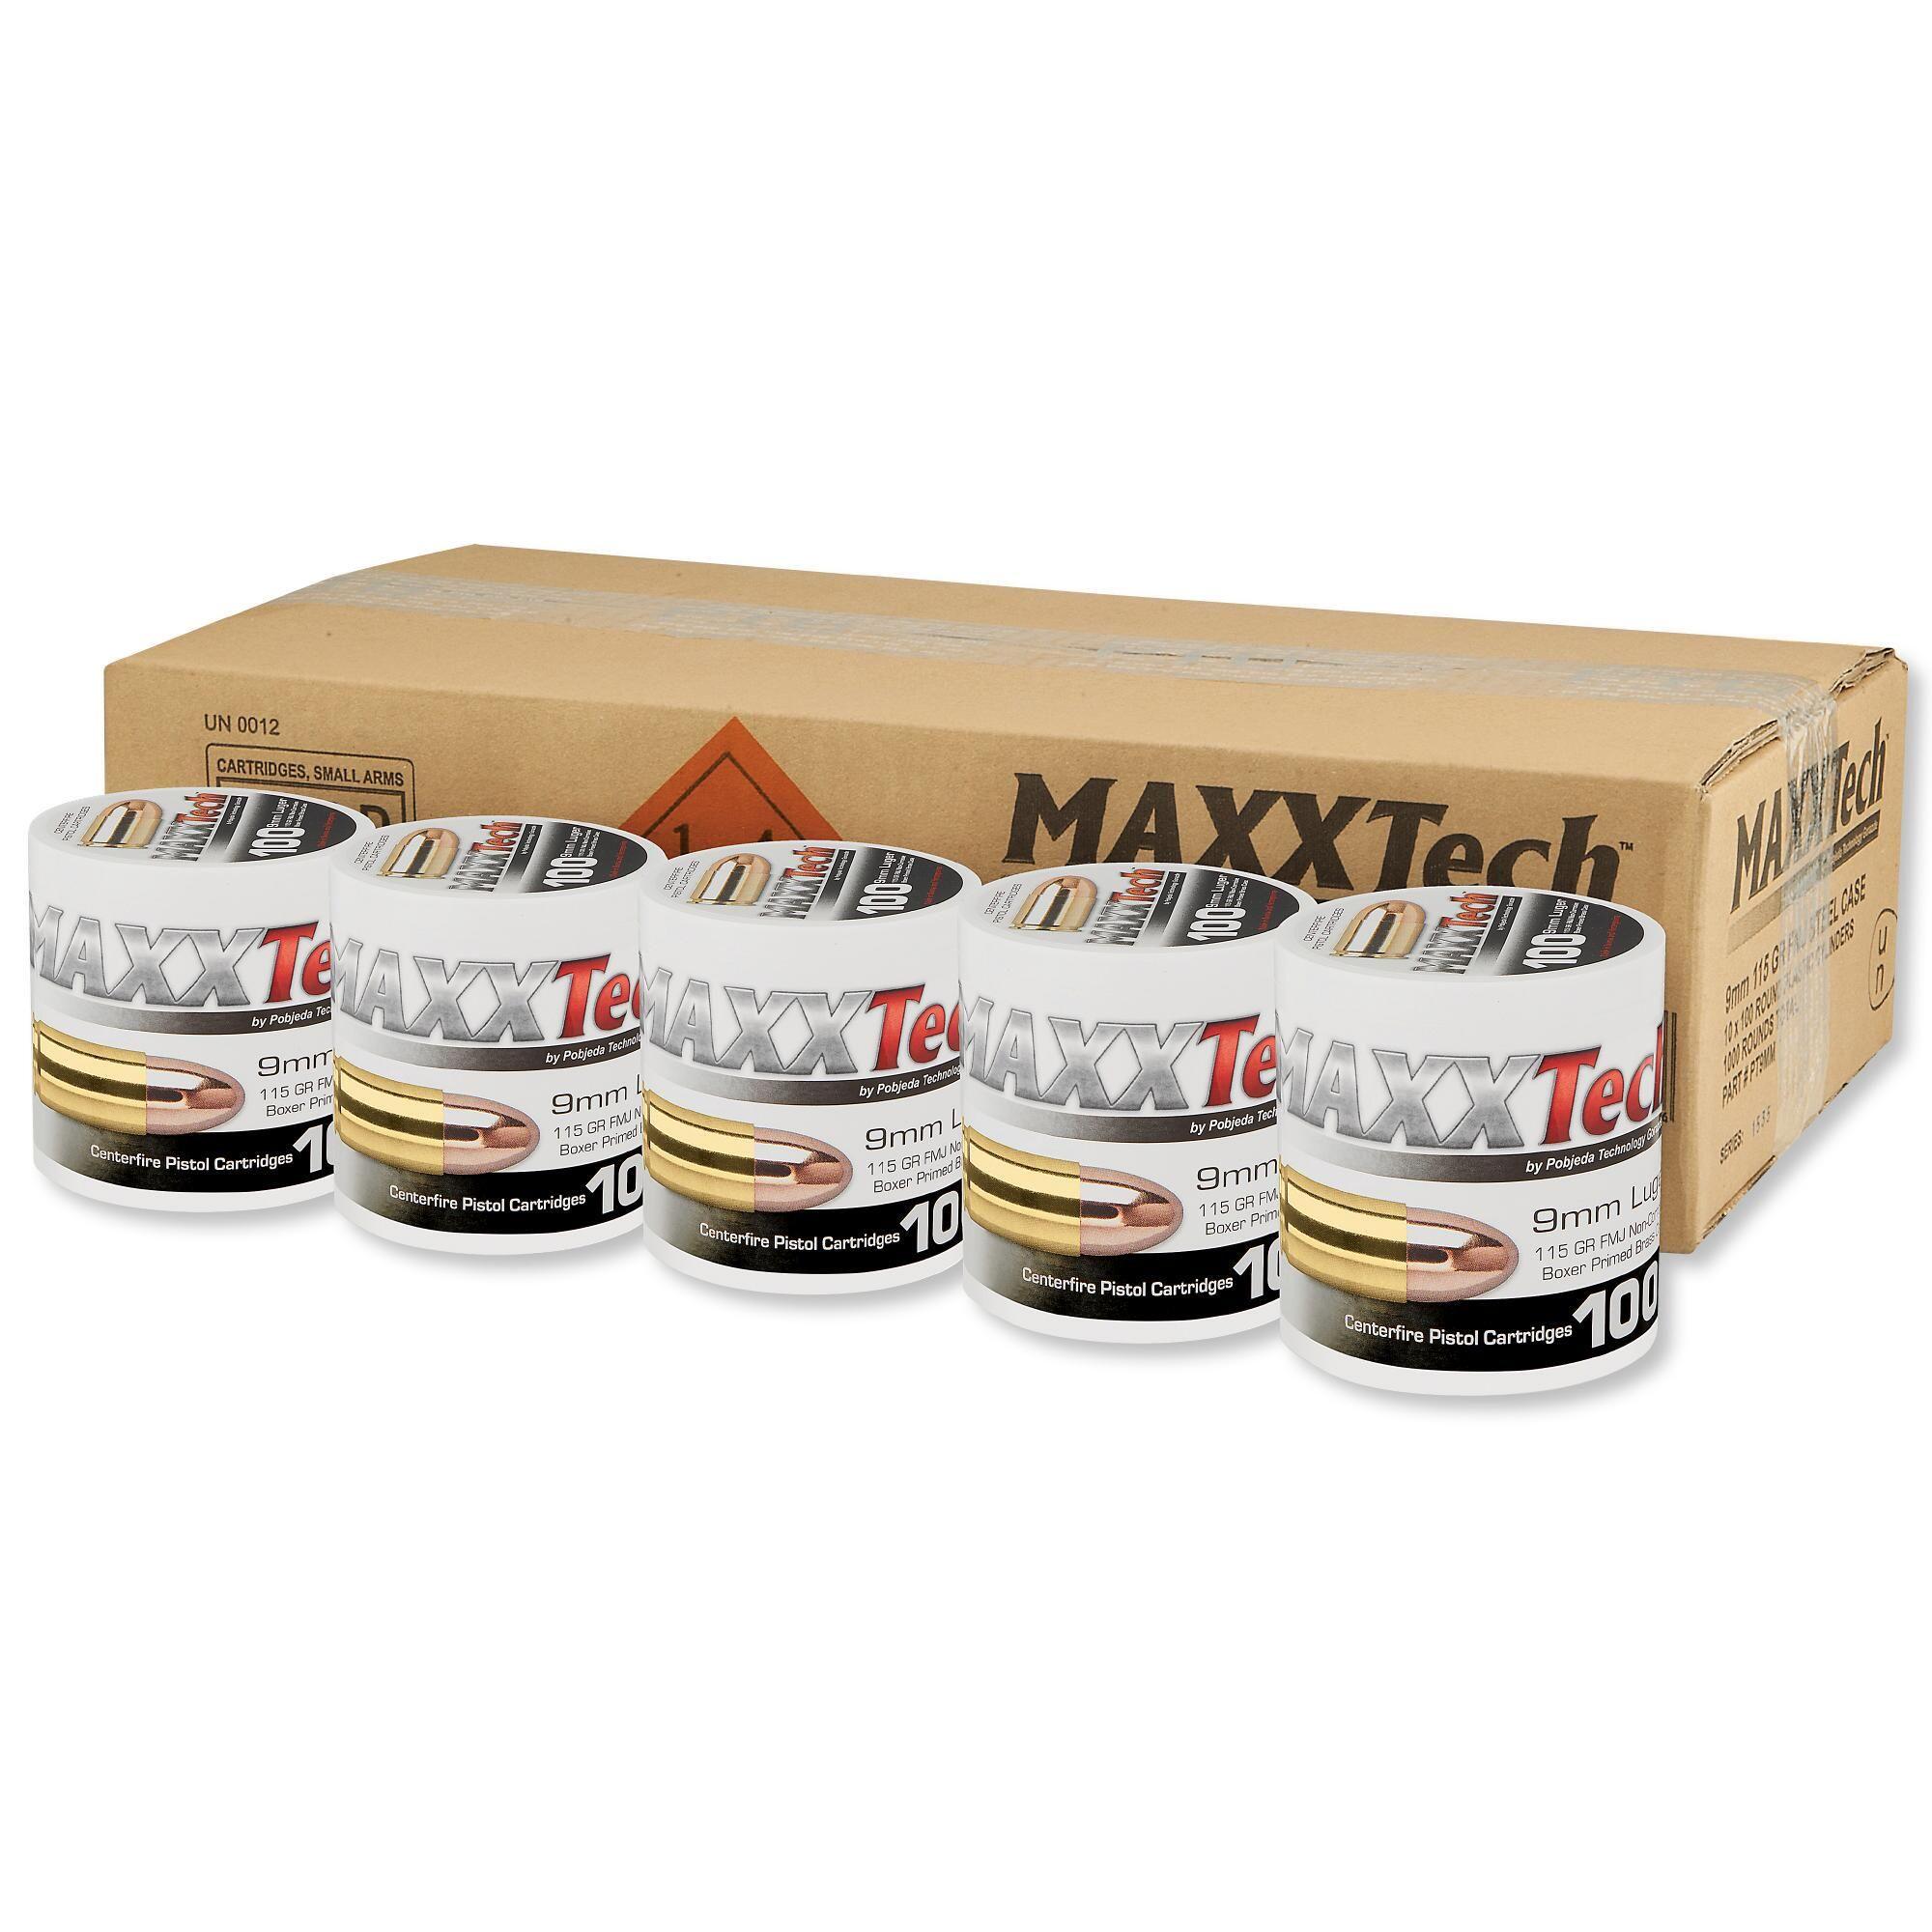 MAXXTech 9mm Ammunition 1000 Rounds, FMJ, 115 Grains